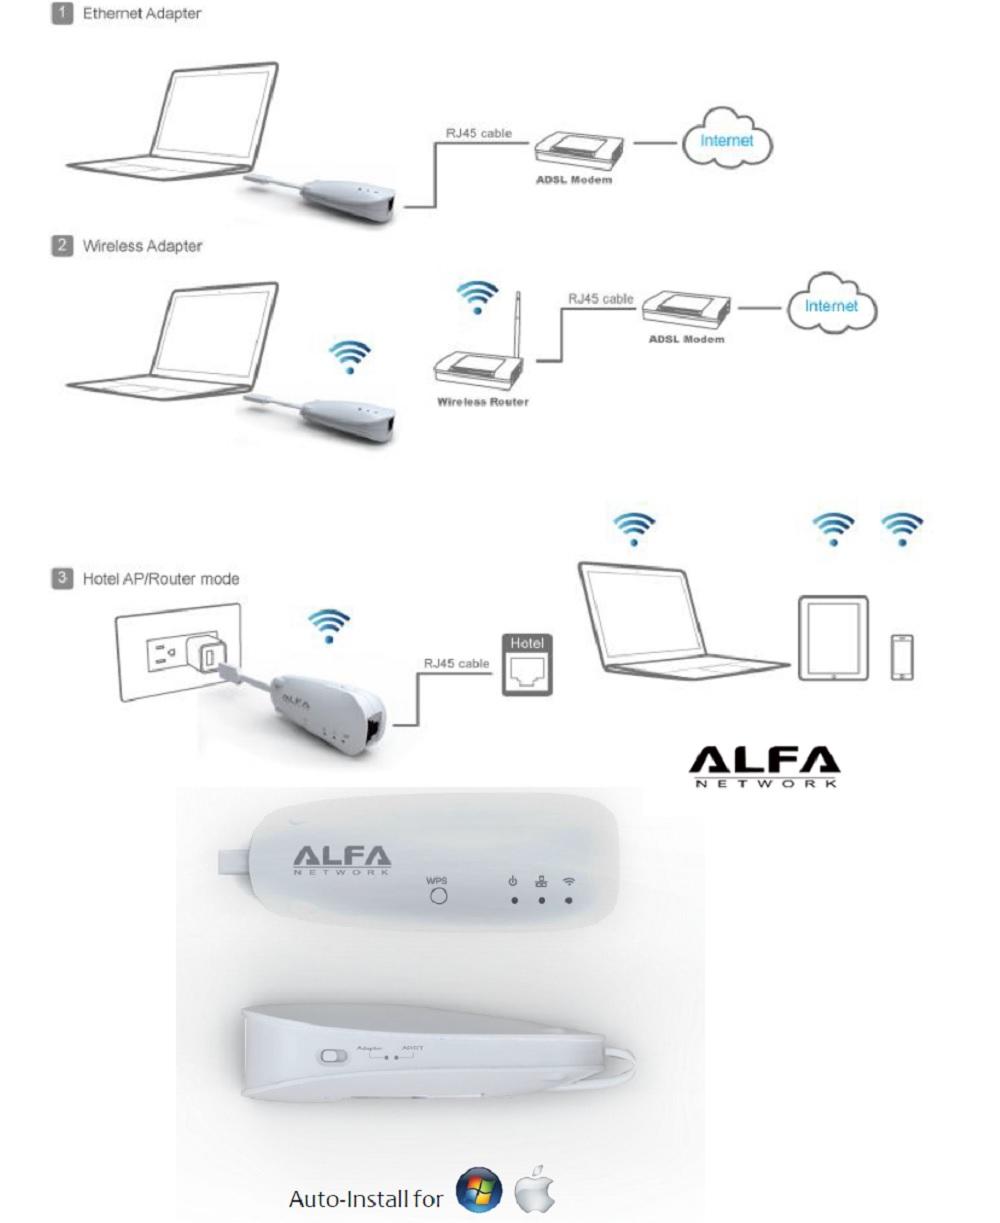 alfa router viaje